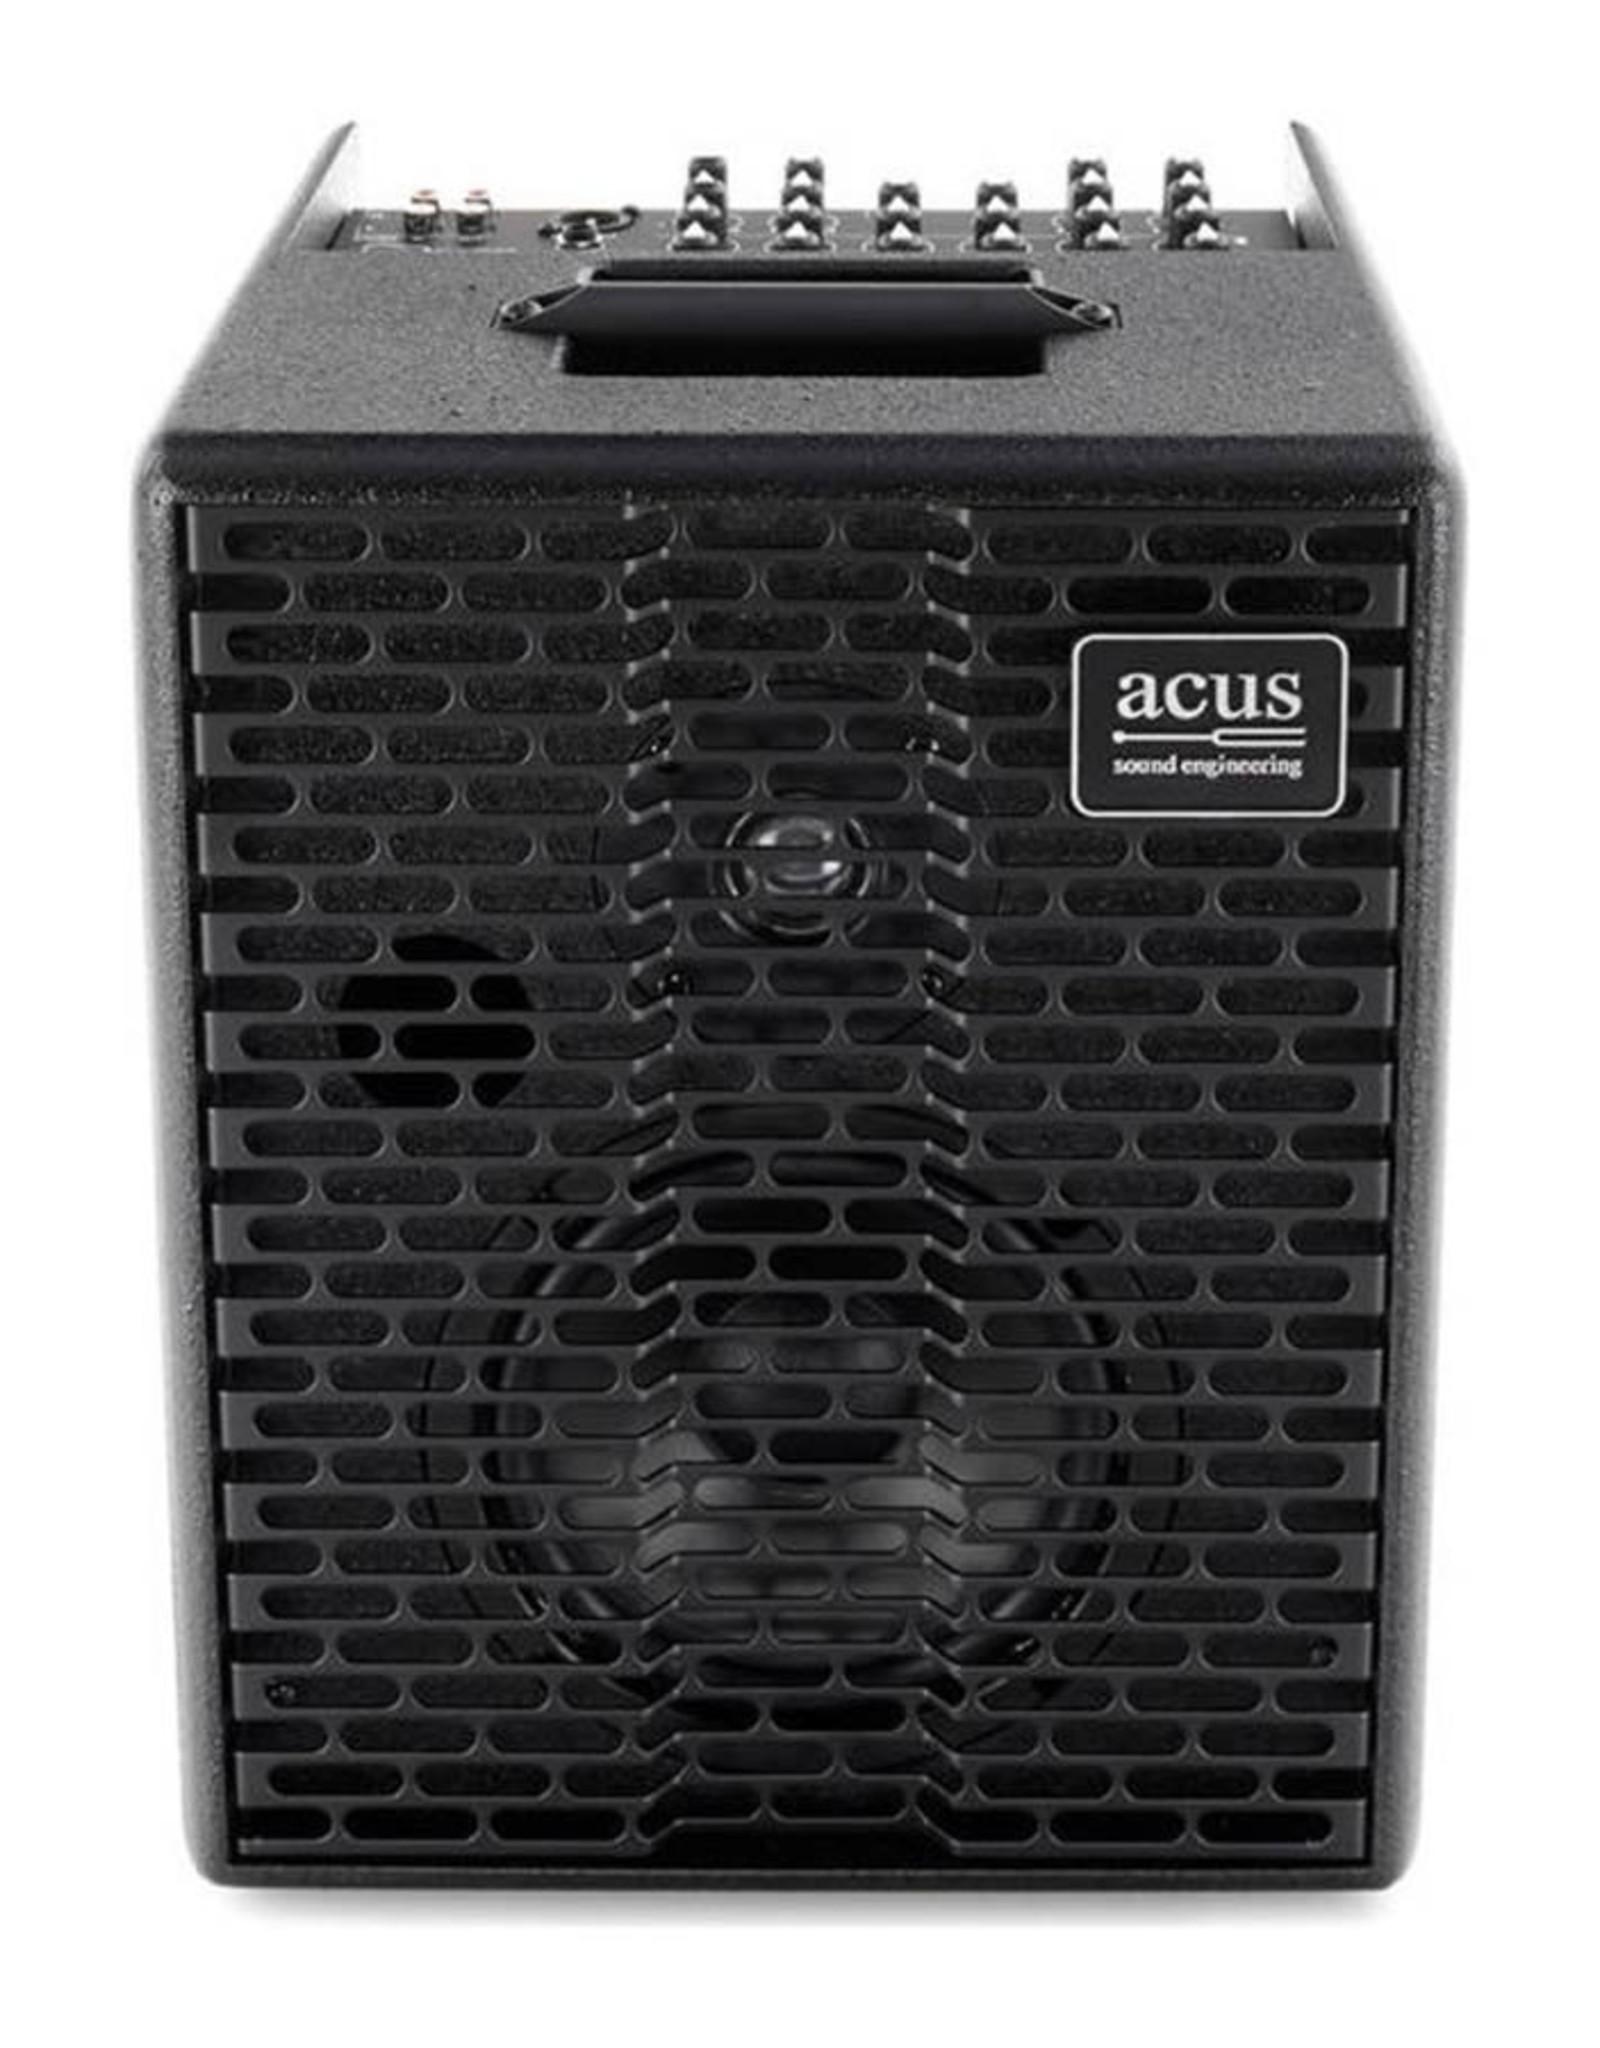 Acus Acus One 6T Black